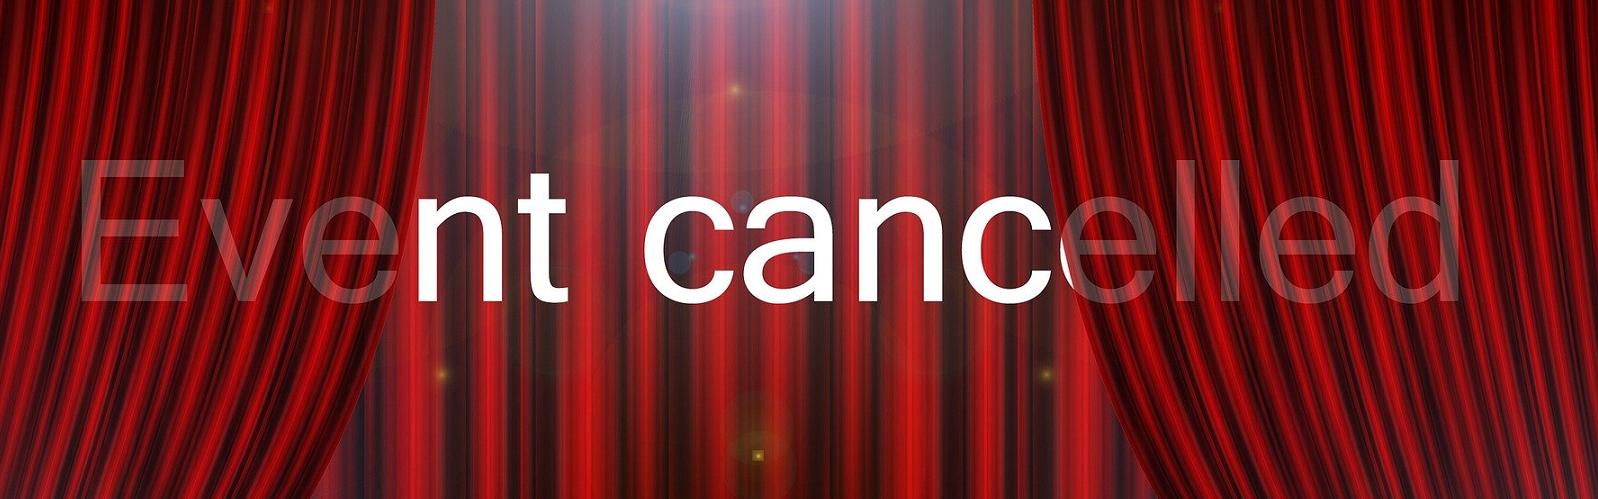 2021 I.T. Summit & Tradeshow Canceled image